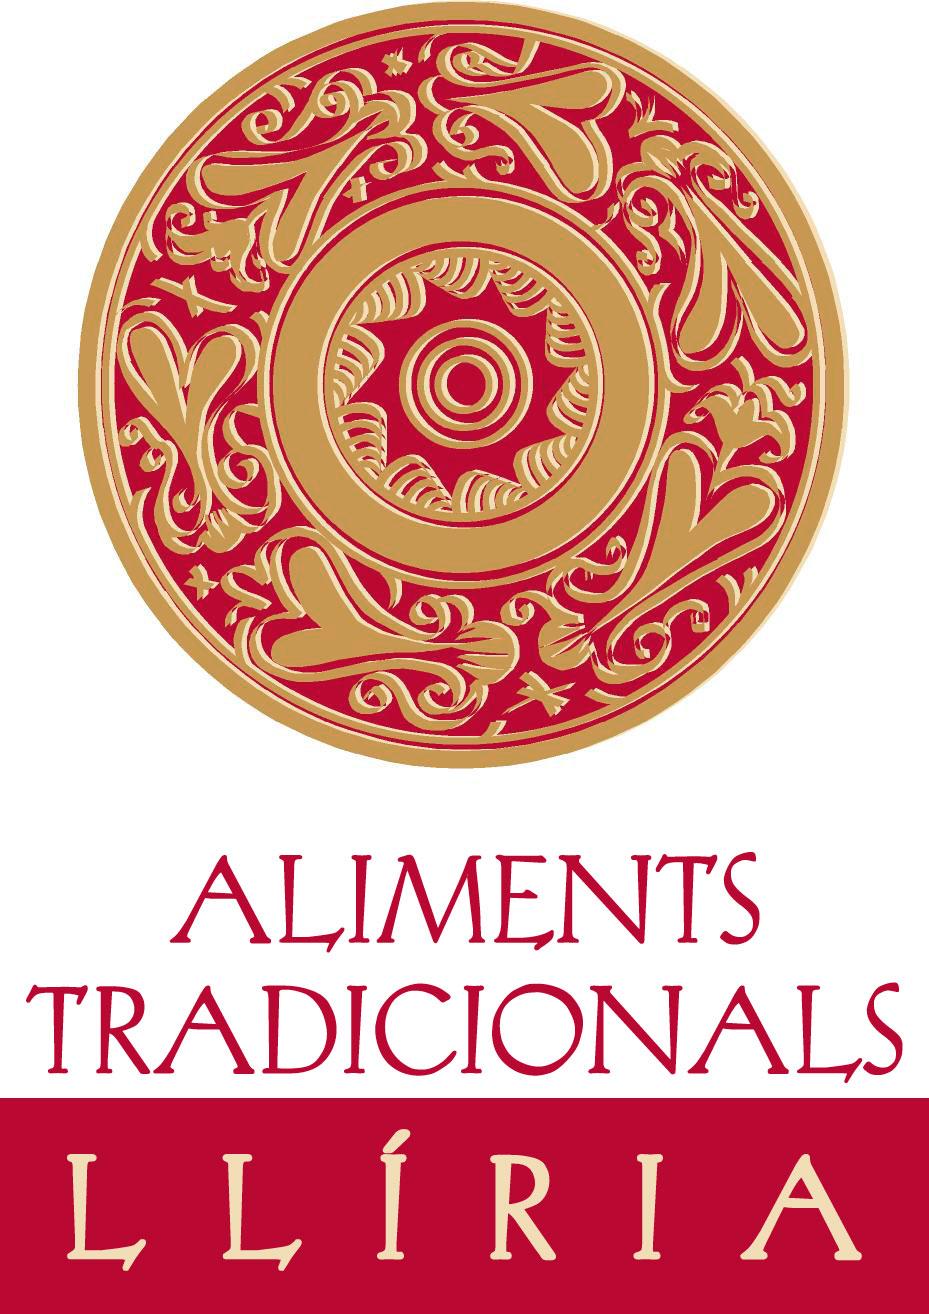 Aliments Tradicionales de Lliria. Turisme Lliria